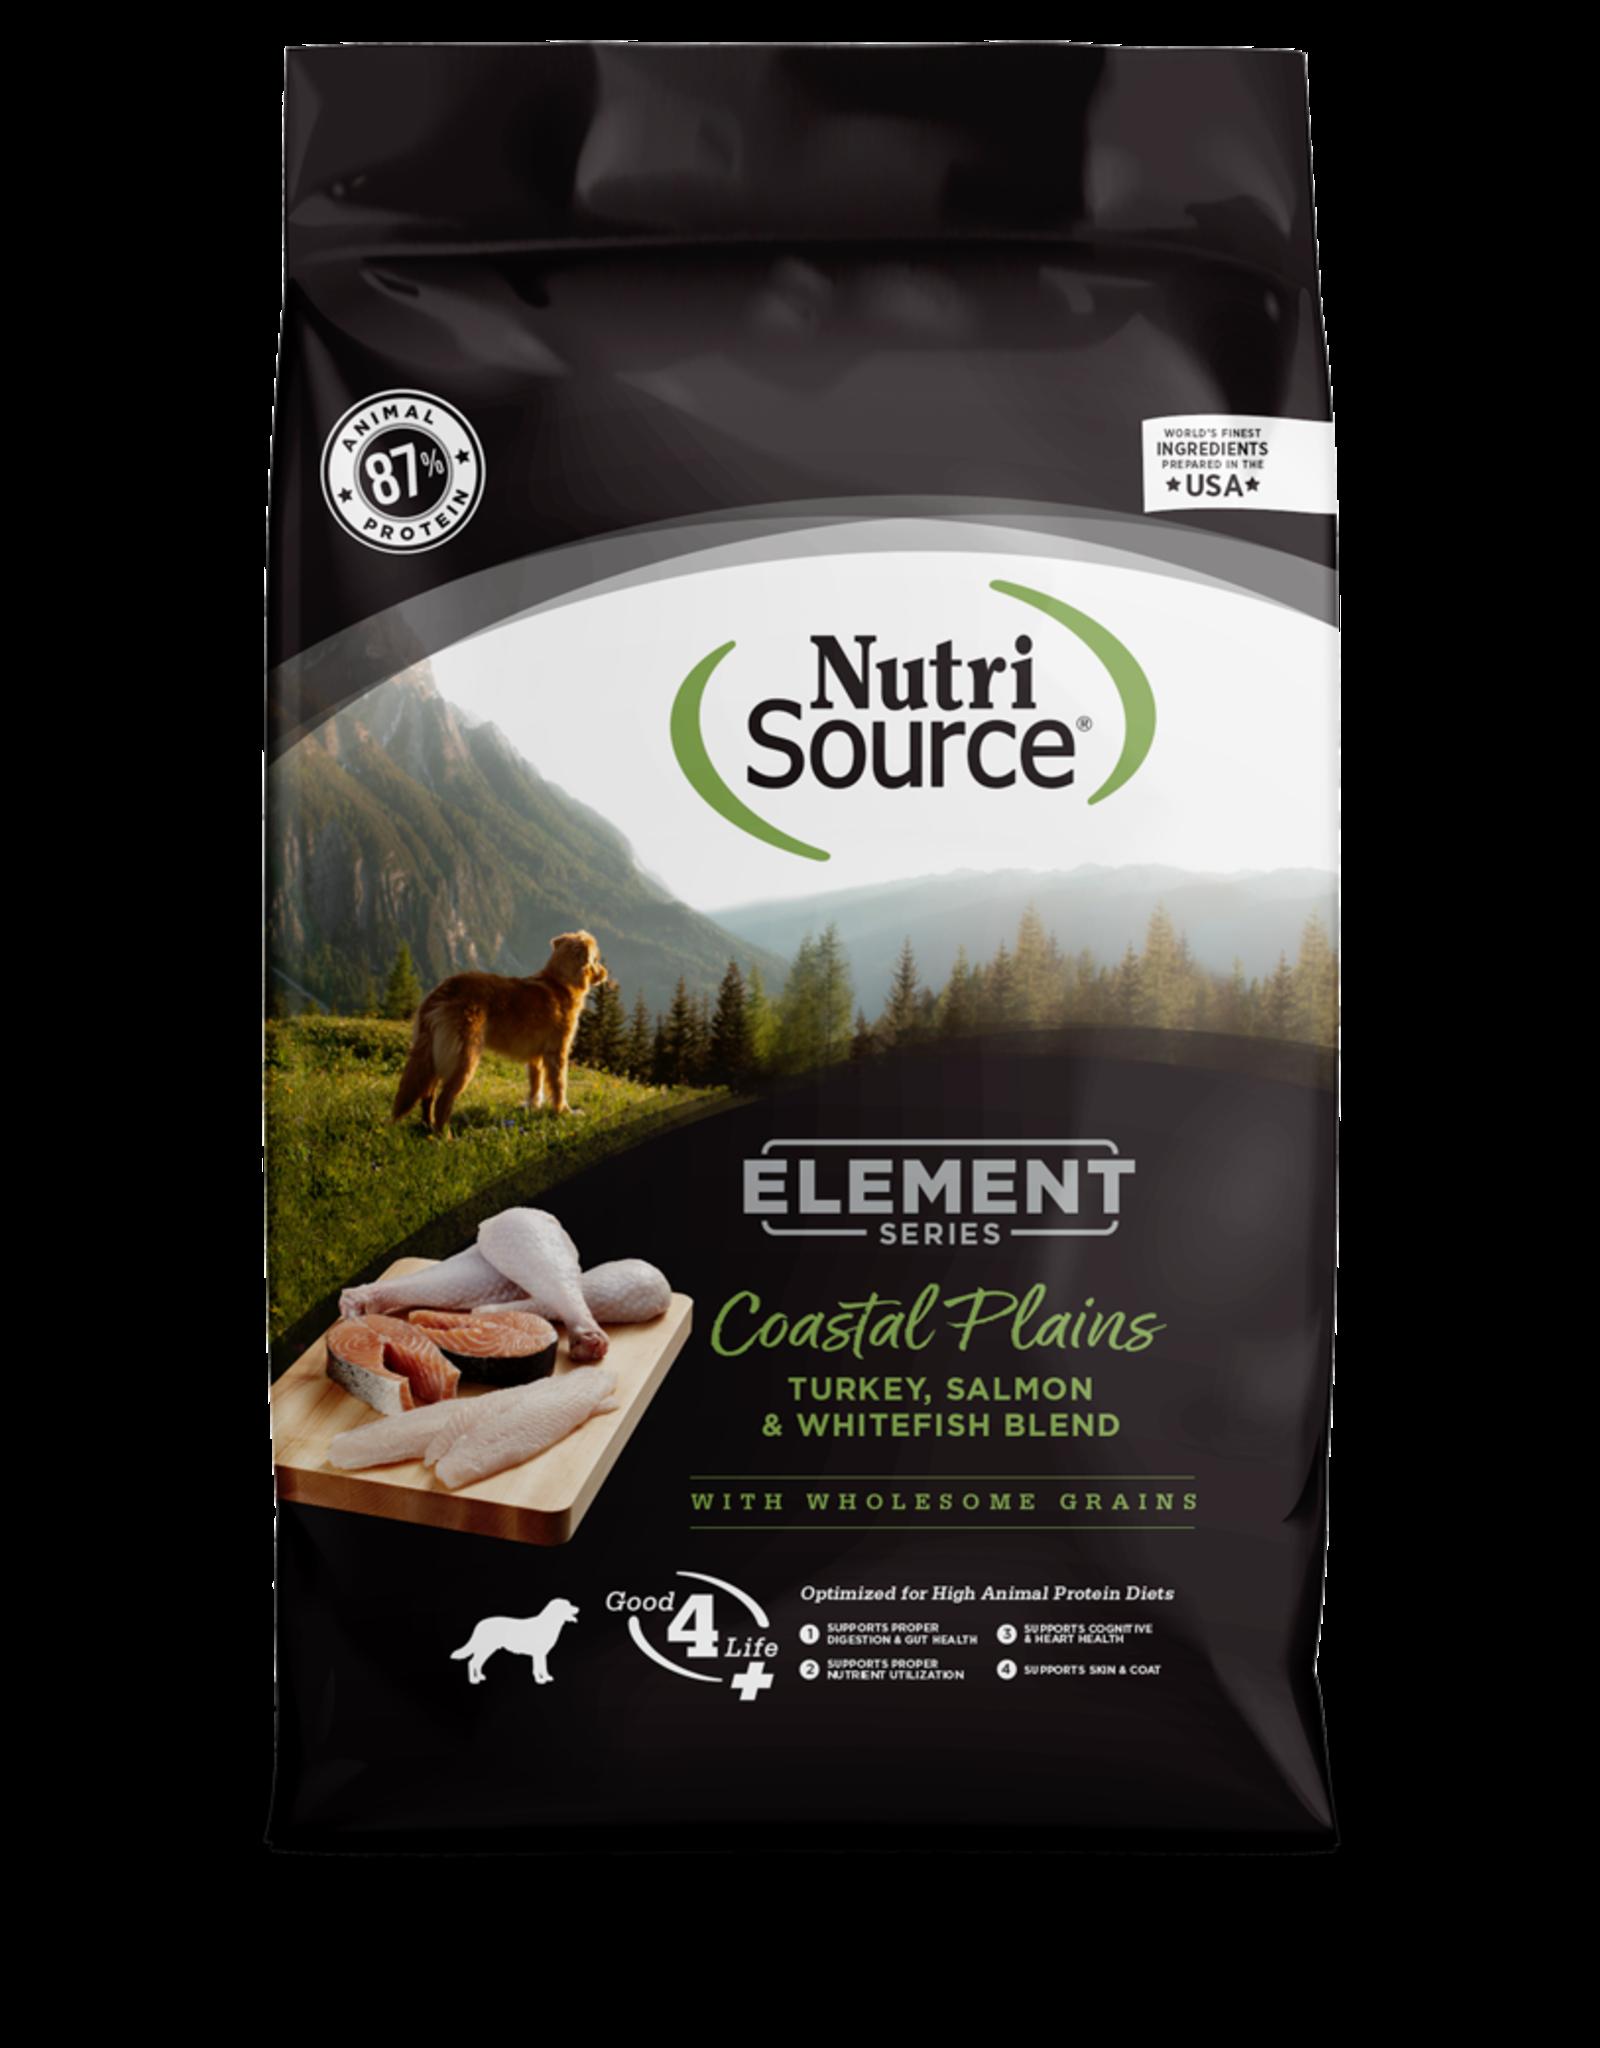 NutriSource Pet Foods NUTRISOURCE ELEMENT SERIES COASTAL PLAINS BLEND